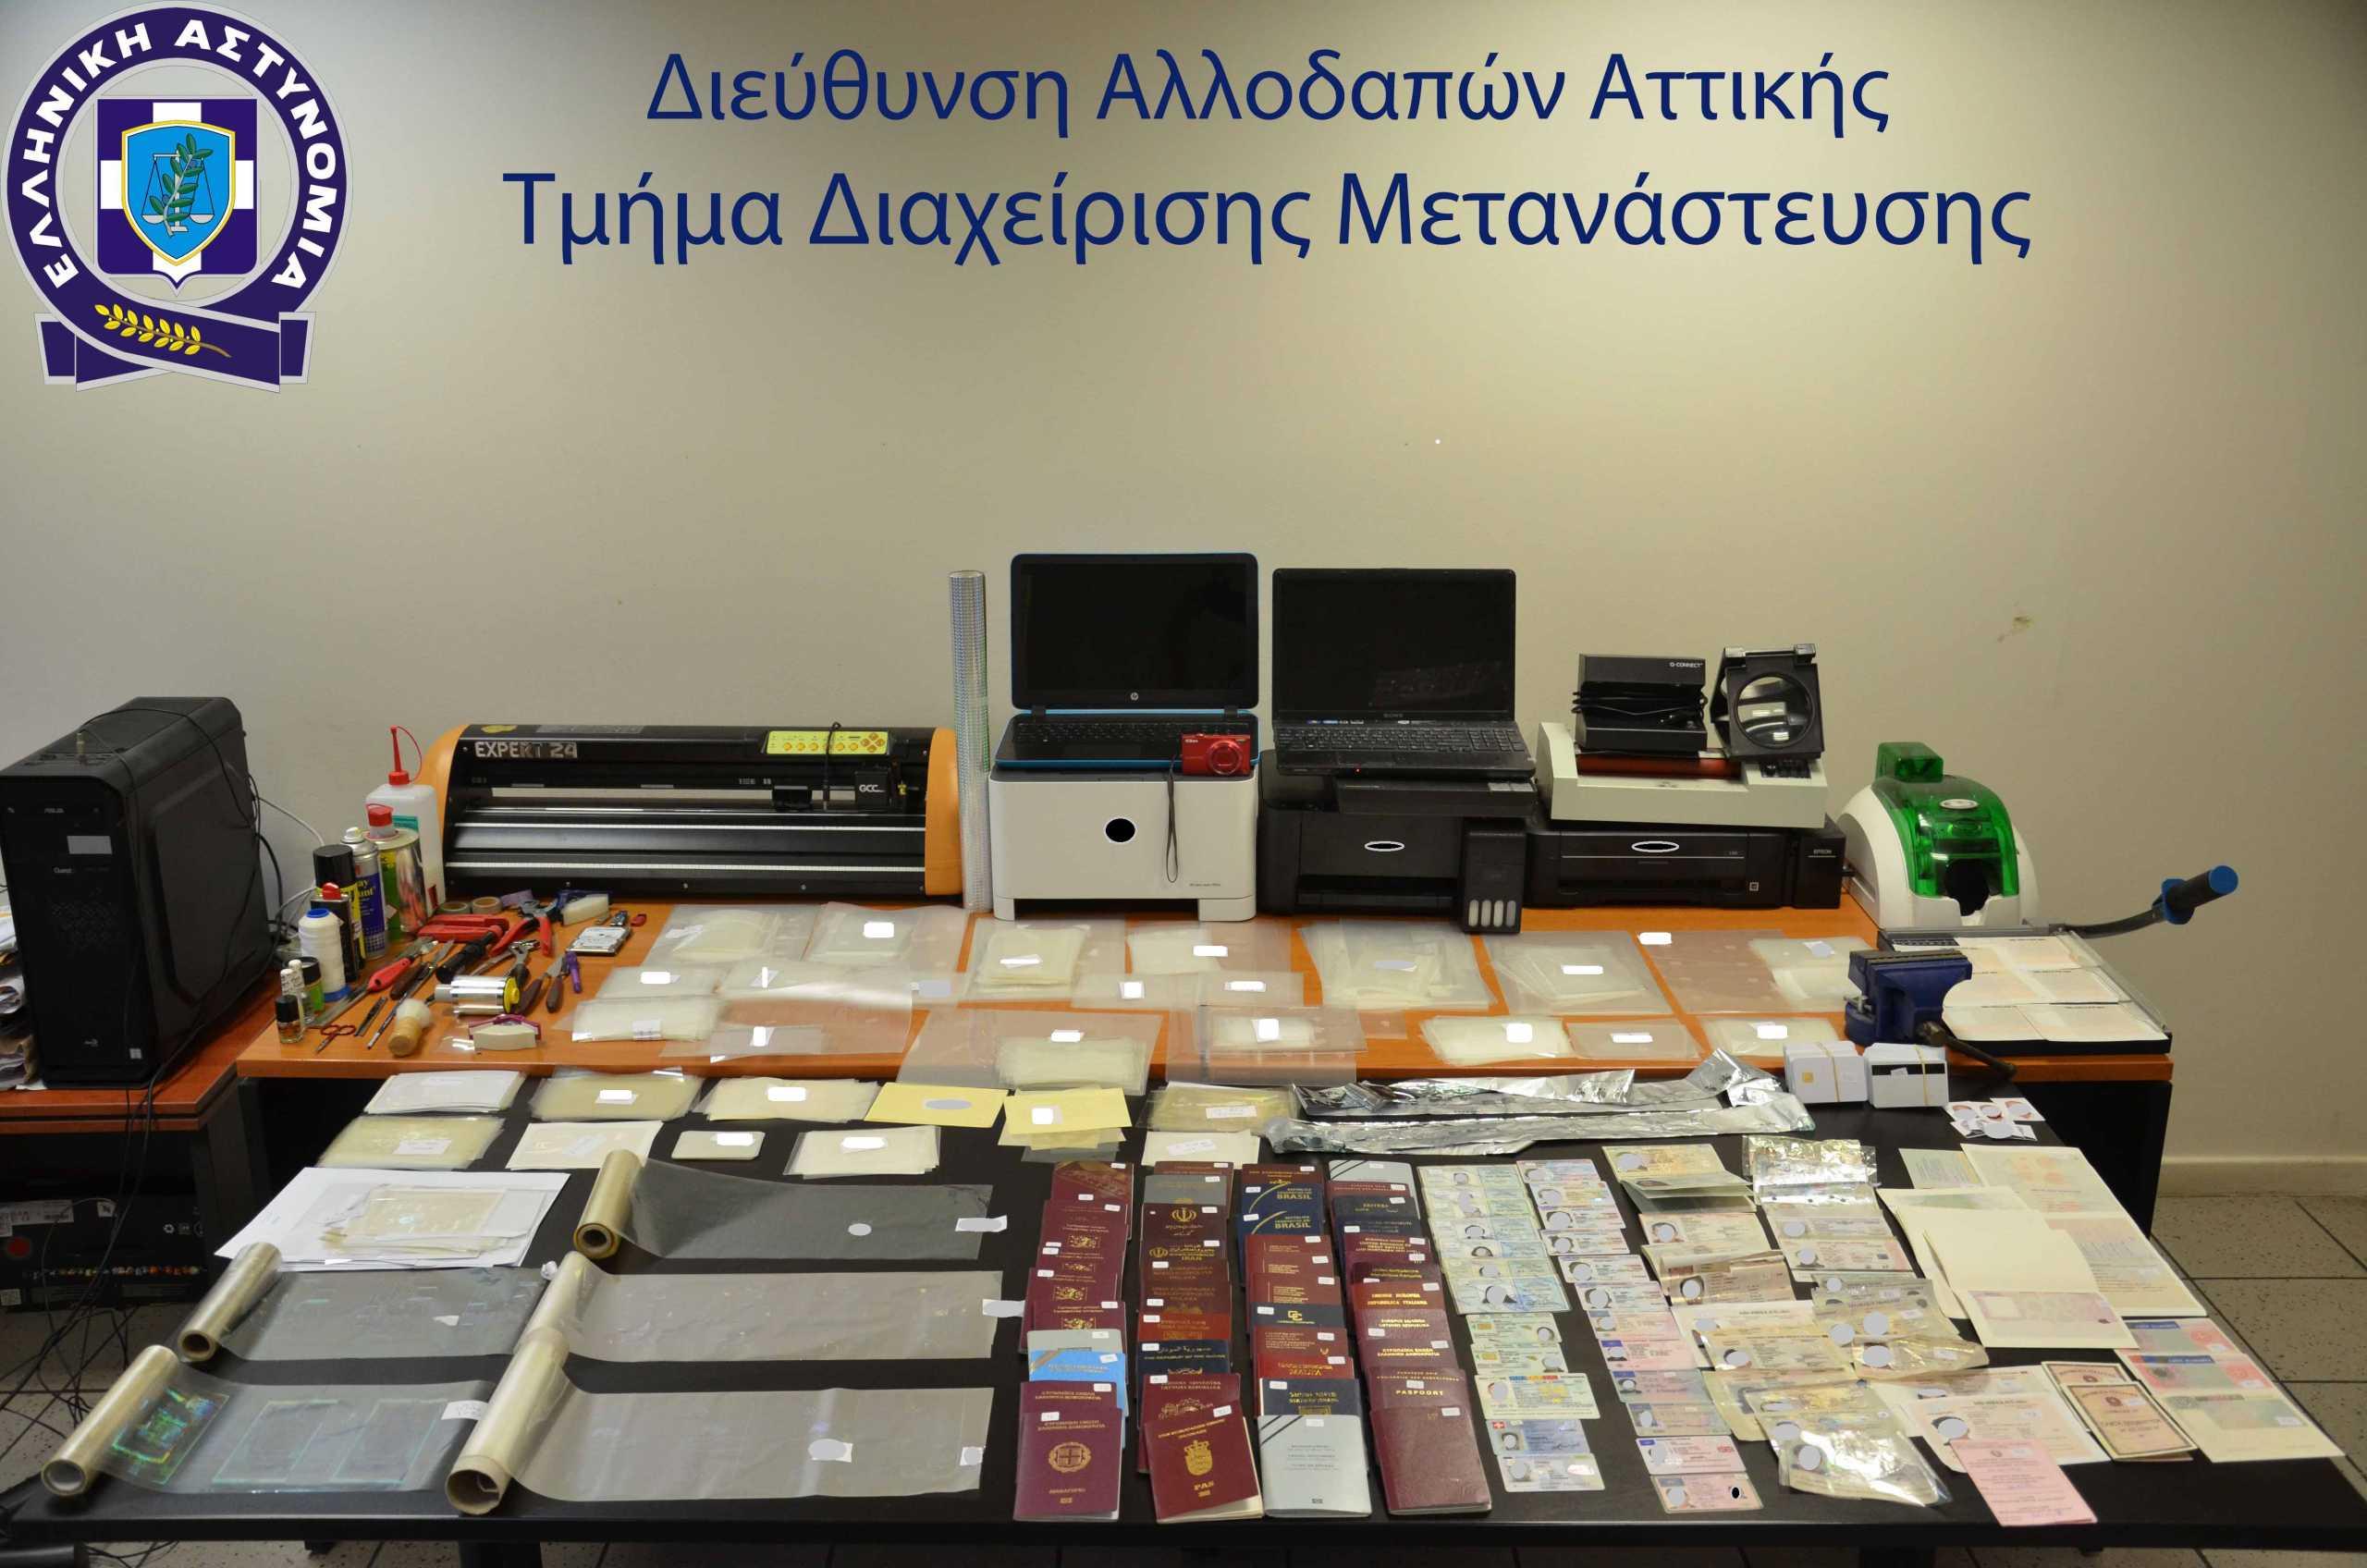 Σεπόλια: Πλαστά διαβατήρια έναντι 800 ευρώ – Τρεις συλλήψεις